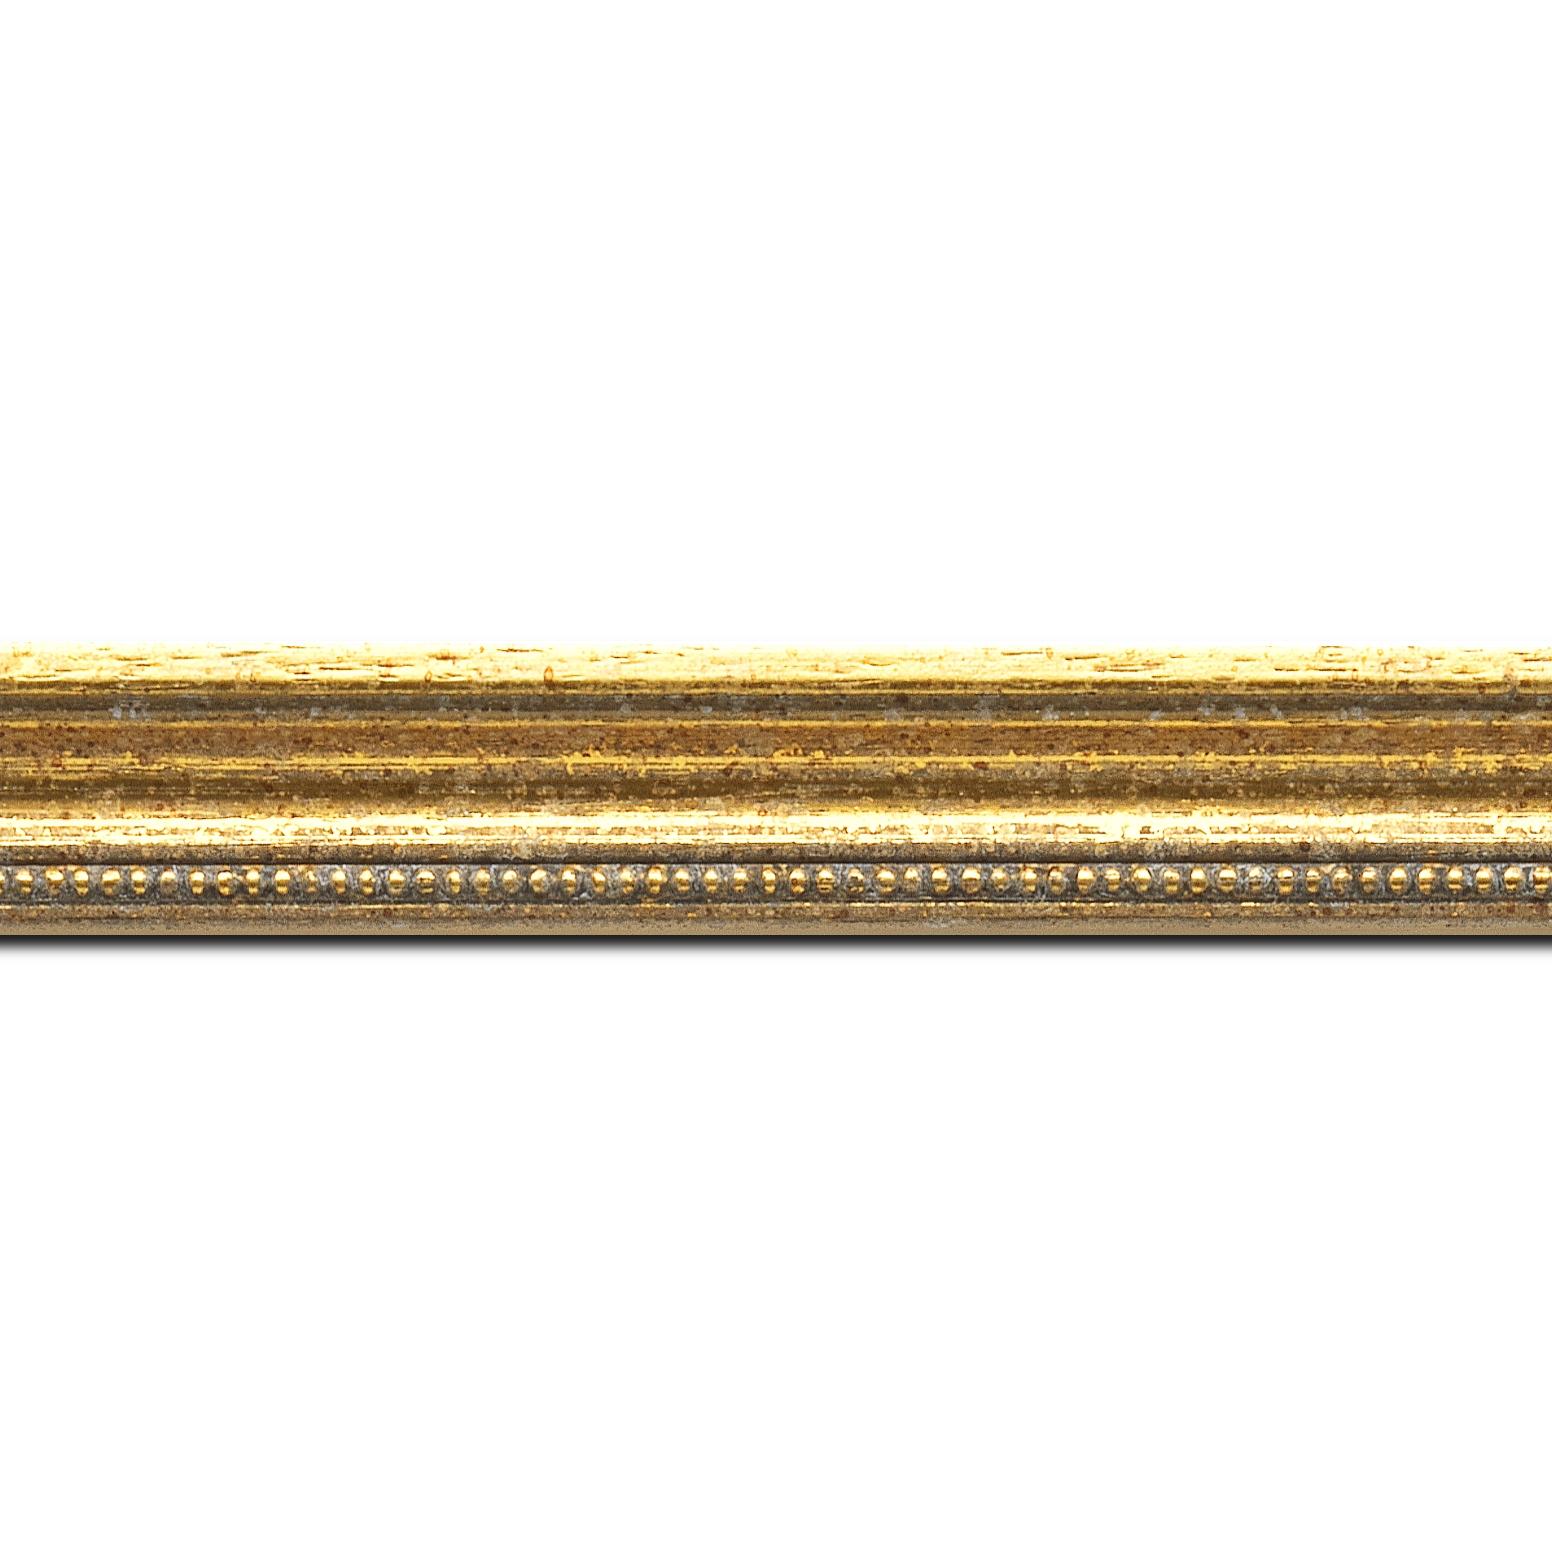 Pack par 12m, bois profil incuvé largeur 2.4cm  or antique gorge or filet perle or(longueur baguette pouvant varier entre 2.40m et 3m selon arrivage des bois)